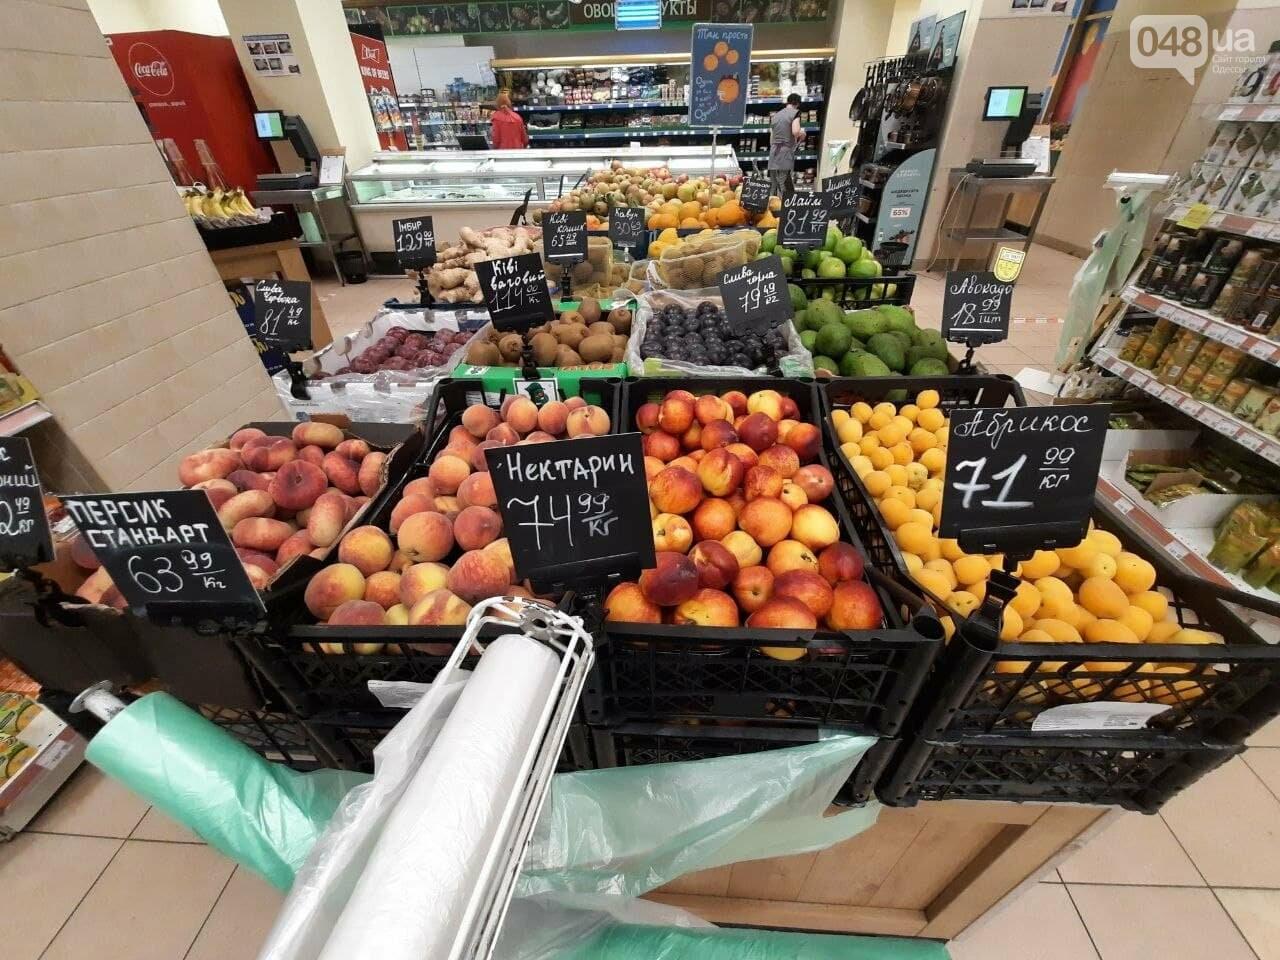 Клубника, черешня, нектарин: мониторинг цен на сезонные фрукты и ягоды в одесских супермаркетах, - ФОТО, фото-5